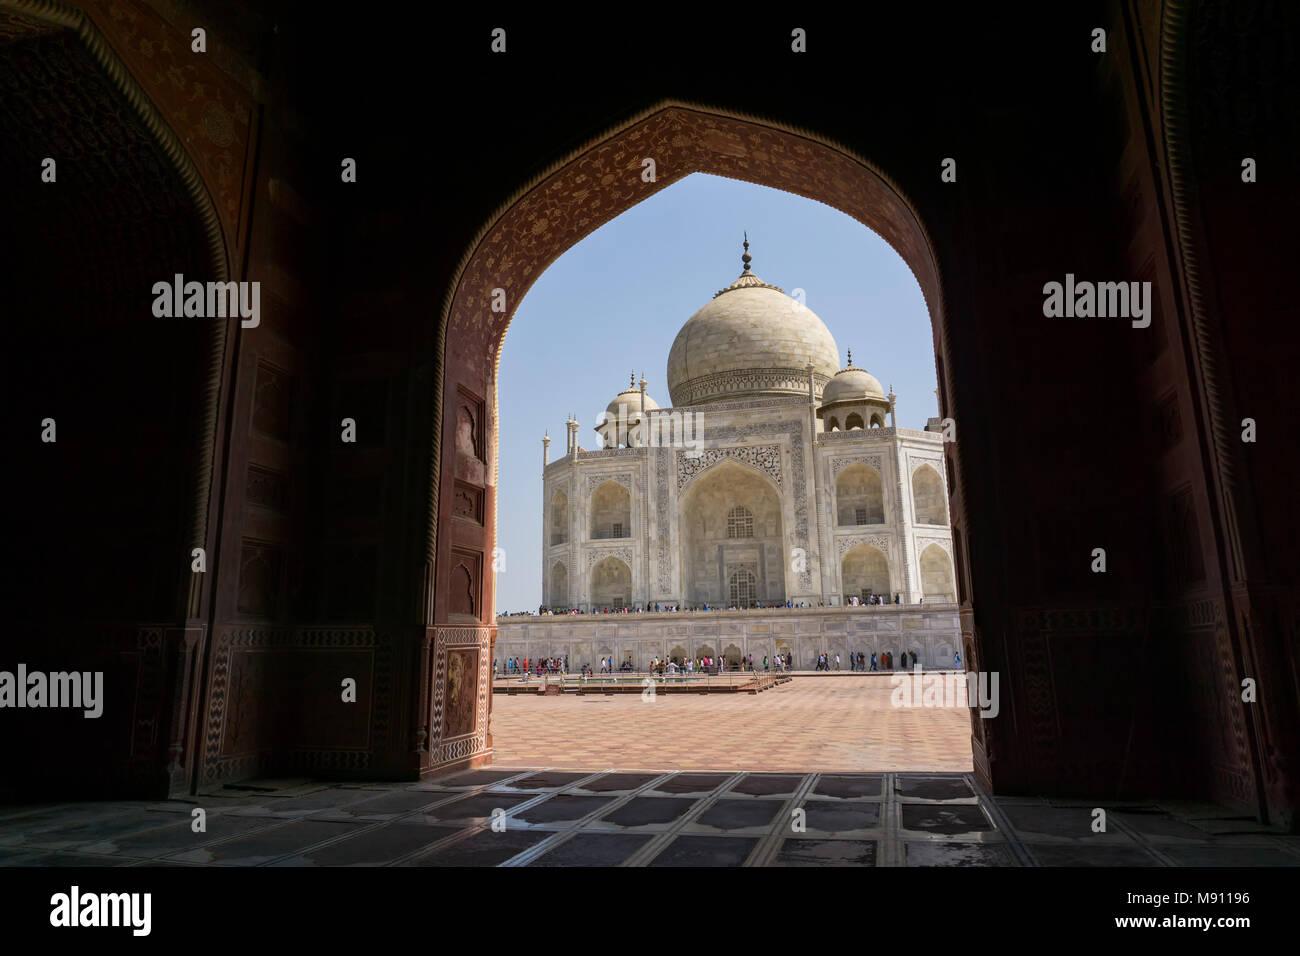 Vista del Taj Mahal en Agra, Uttar Pradesh, India. Es uno de los más visitados de hito en la India. Imagen De Stock